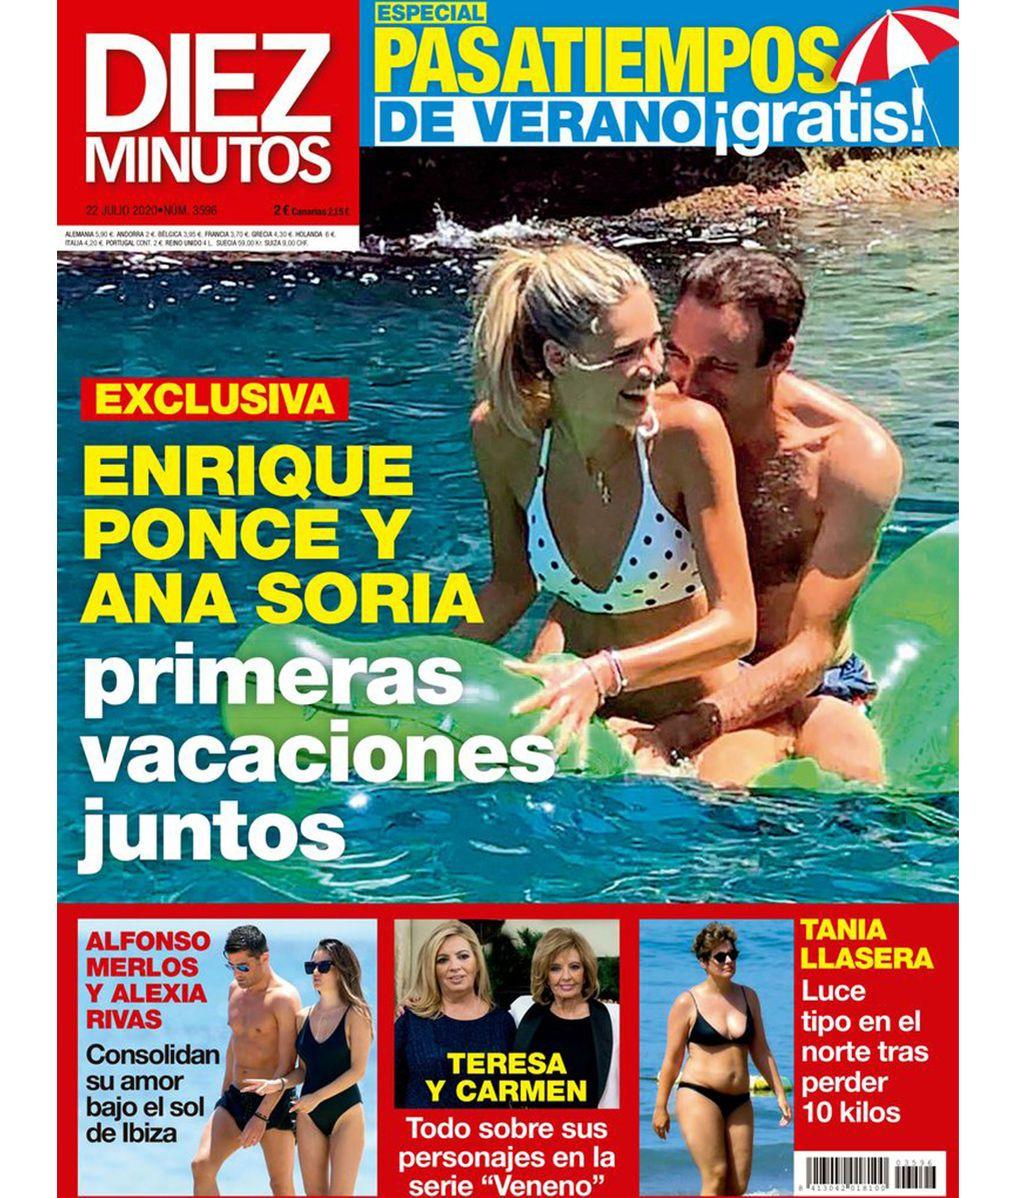 Enrique Ponce y Ana Soria en la portada de 'Diez Minutos'